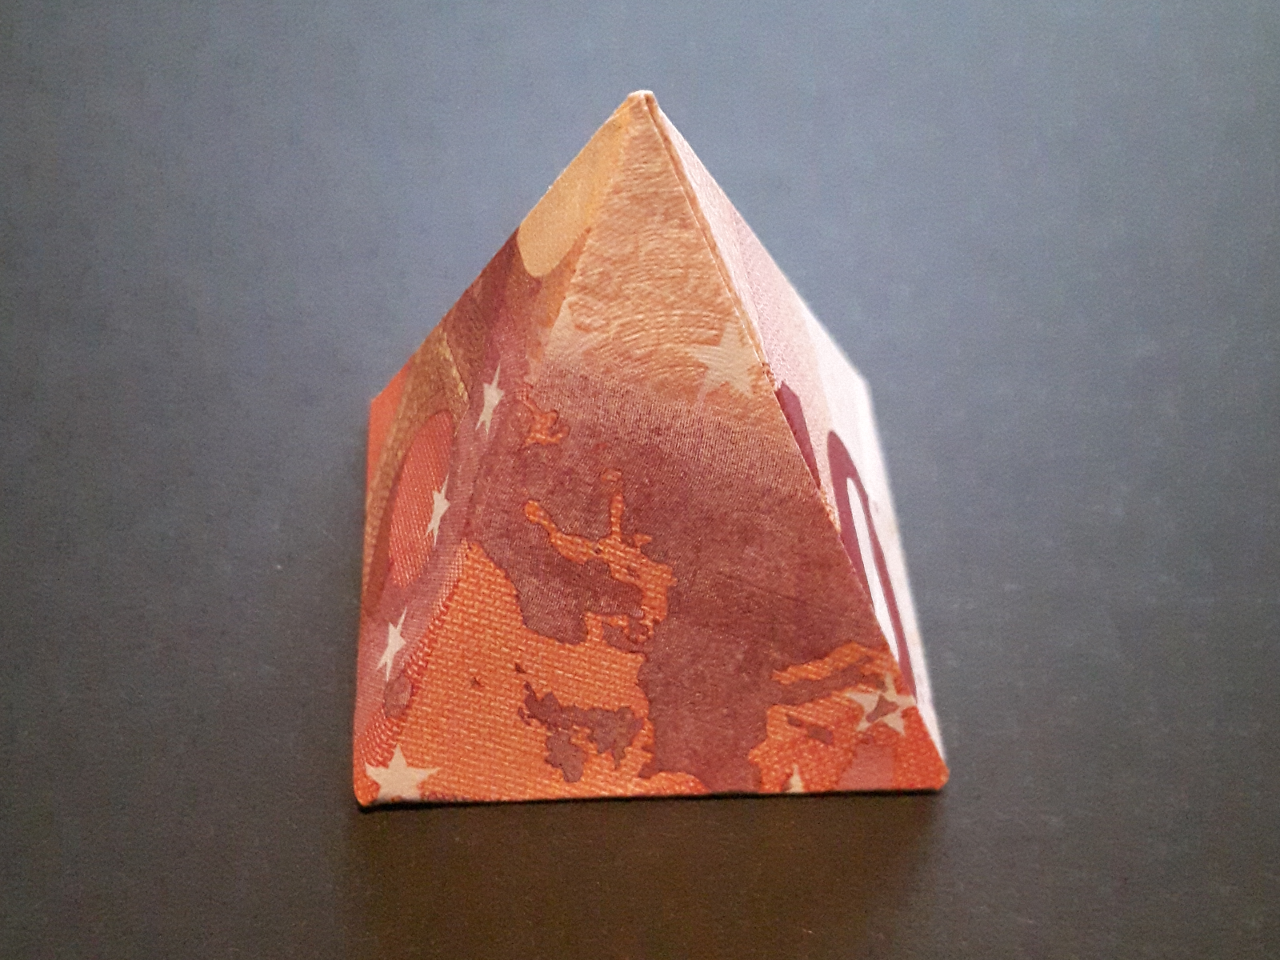 Пирамидата е сгъната от 10 € чек